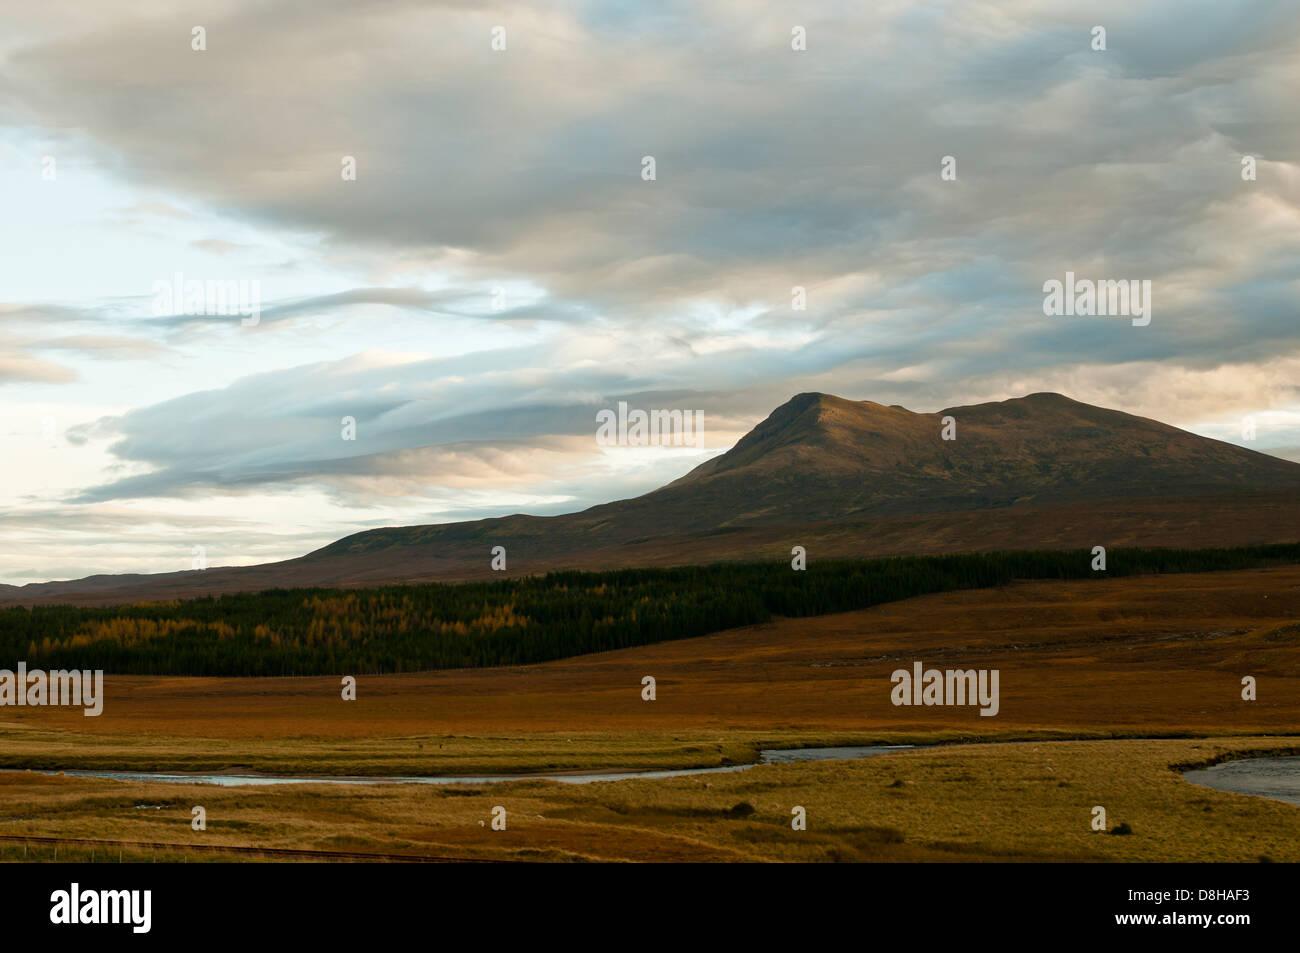 Autumn in the Scottish Highlands, Scardroy, Scotland, United Kingdom, Europe - Stock Image